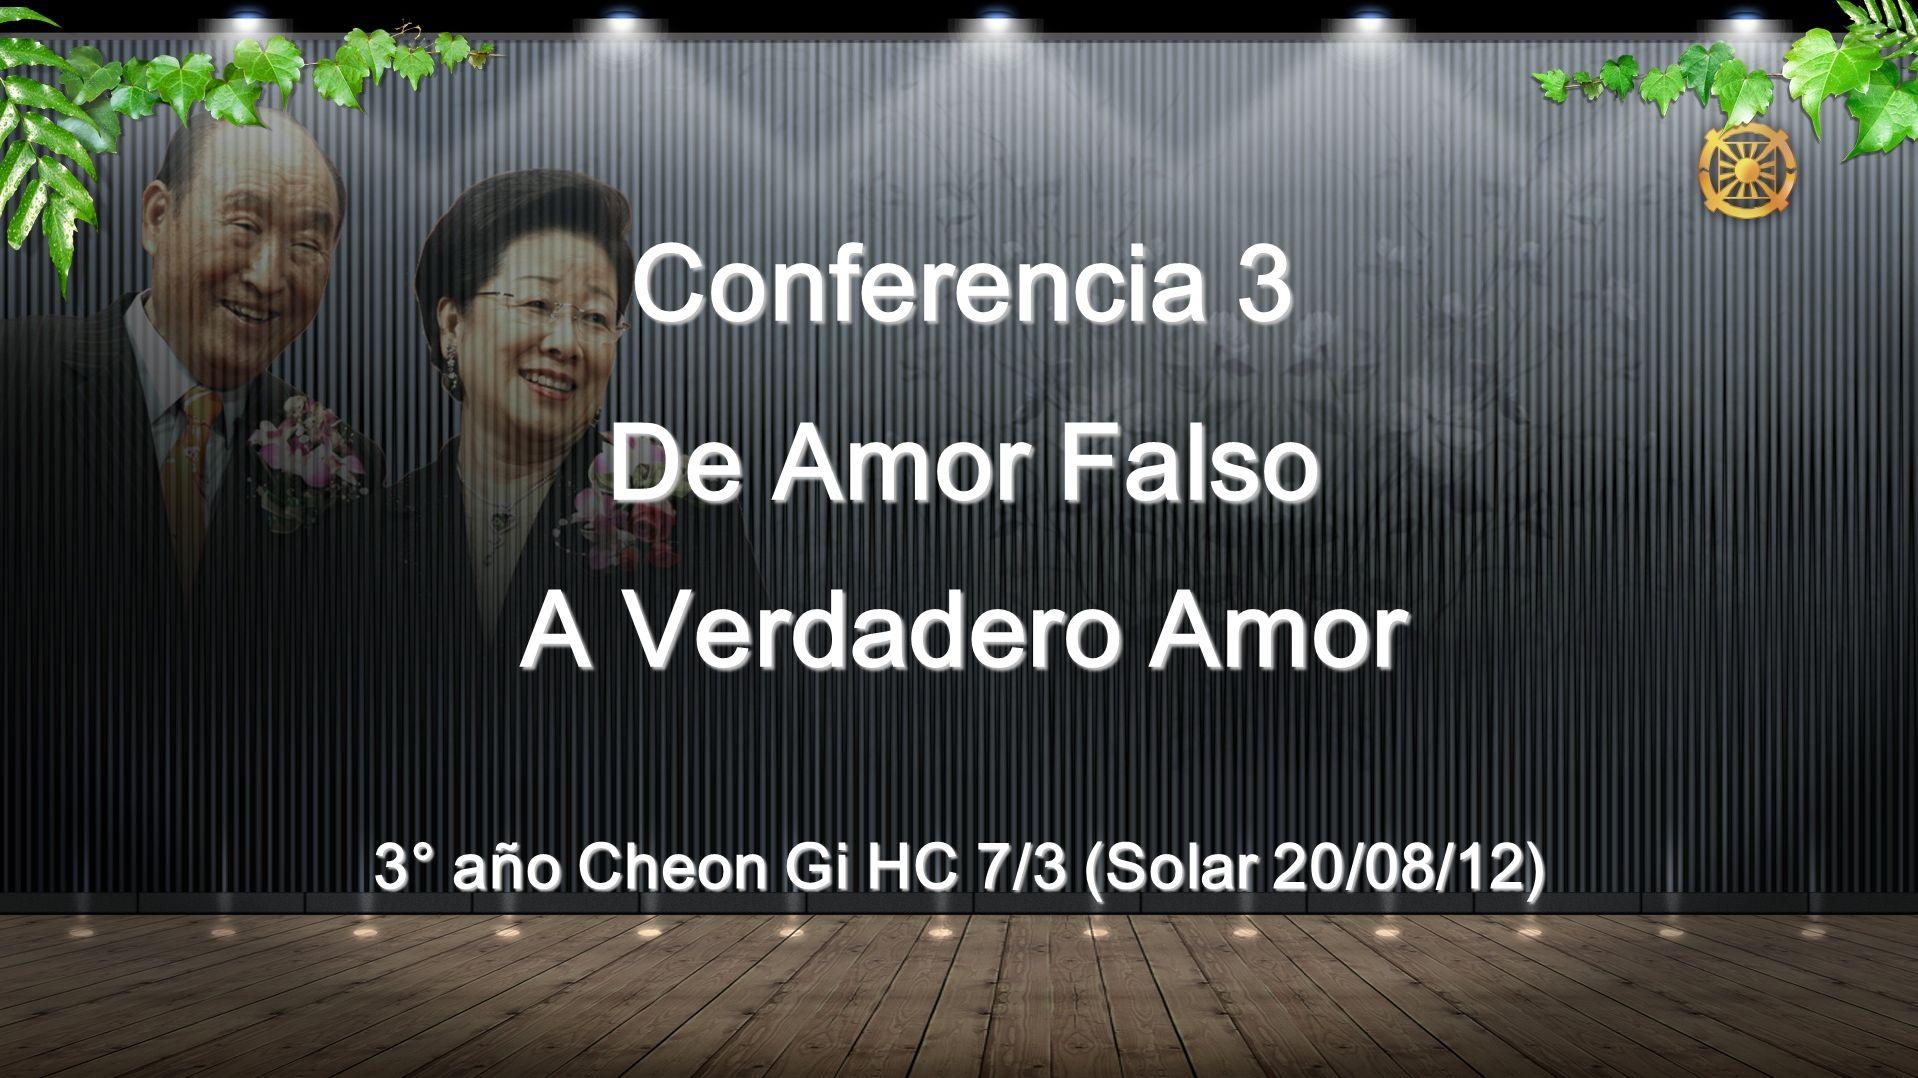 Conferencia 3 De Amor Falso A Verdadero Amor 3° año Cheon Gi HC 7/3 (Solar 20/08/12)